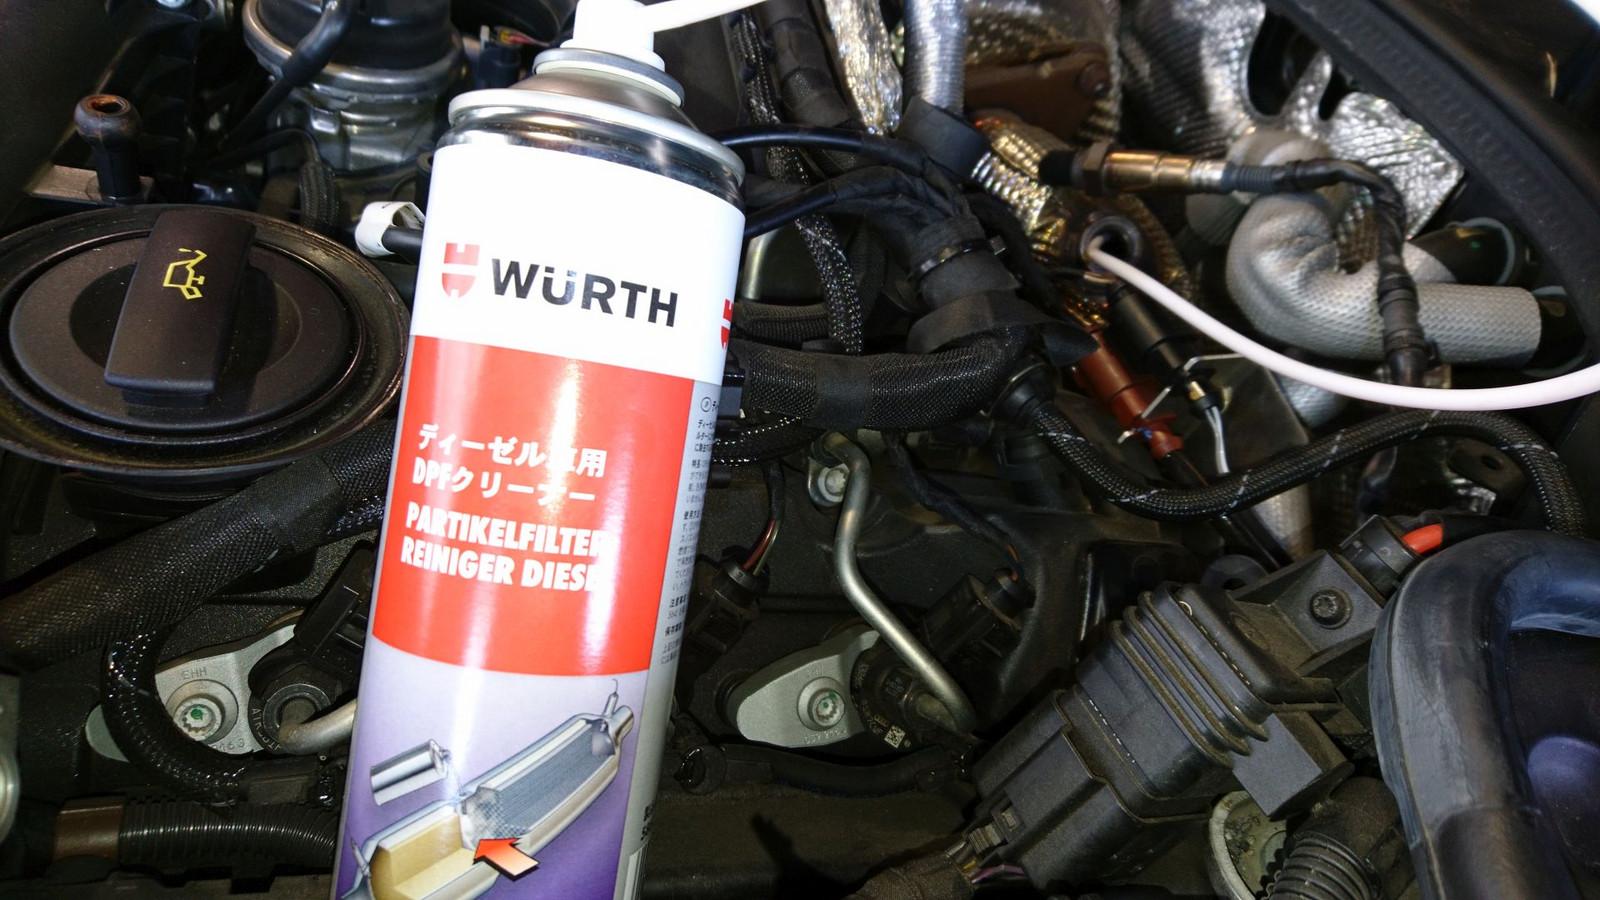 Wurth01